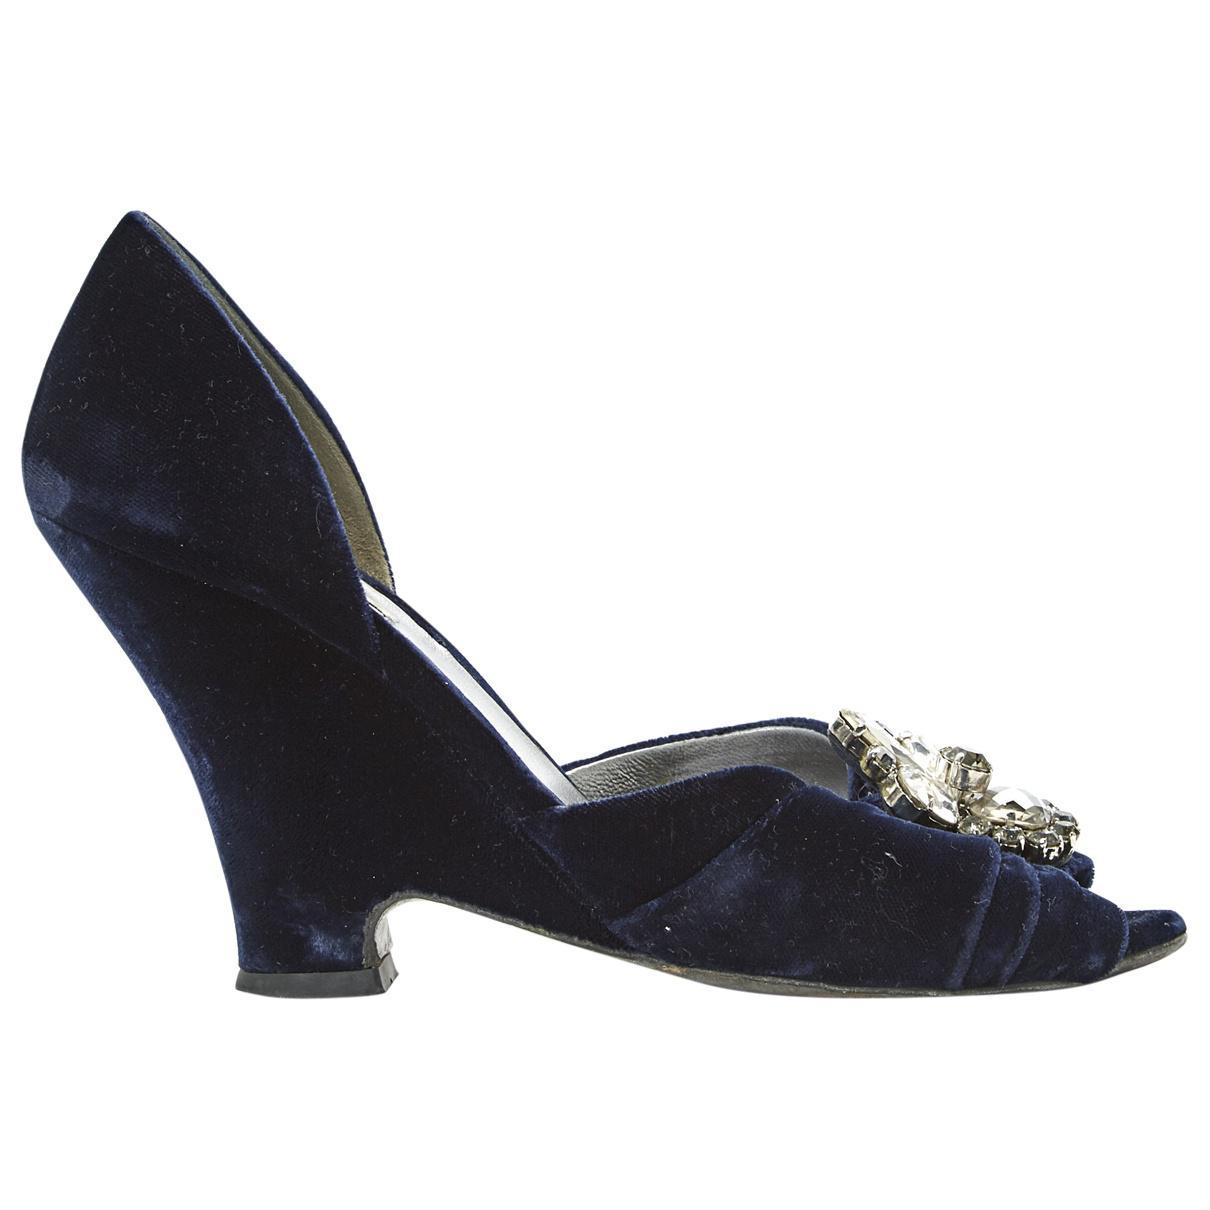 Pre-owned - Velvet heels Miu Miu Bydboi